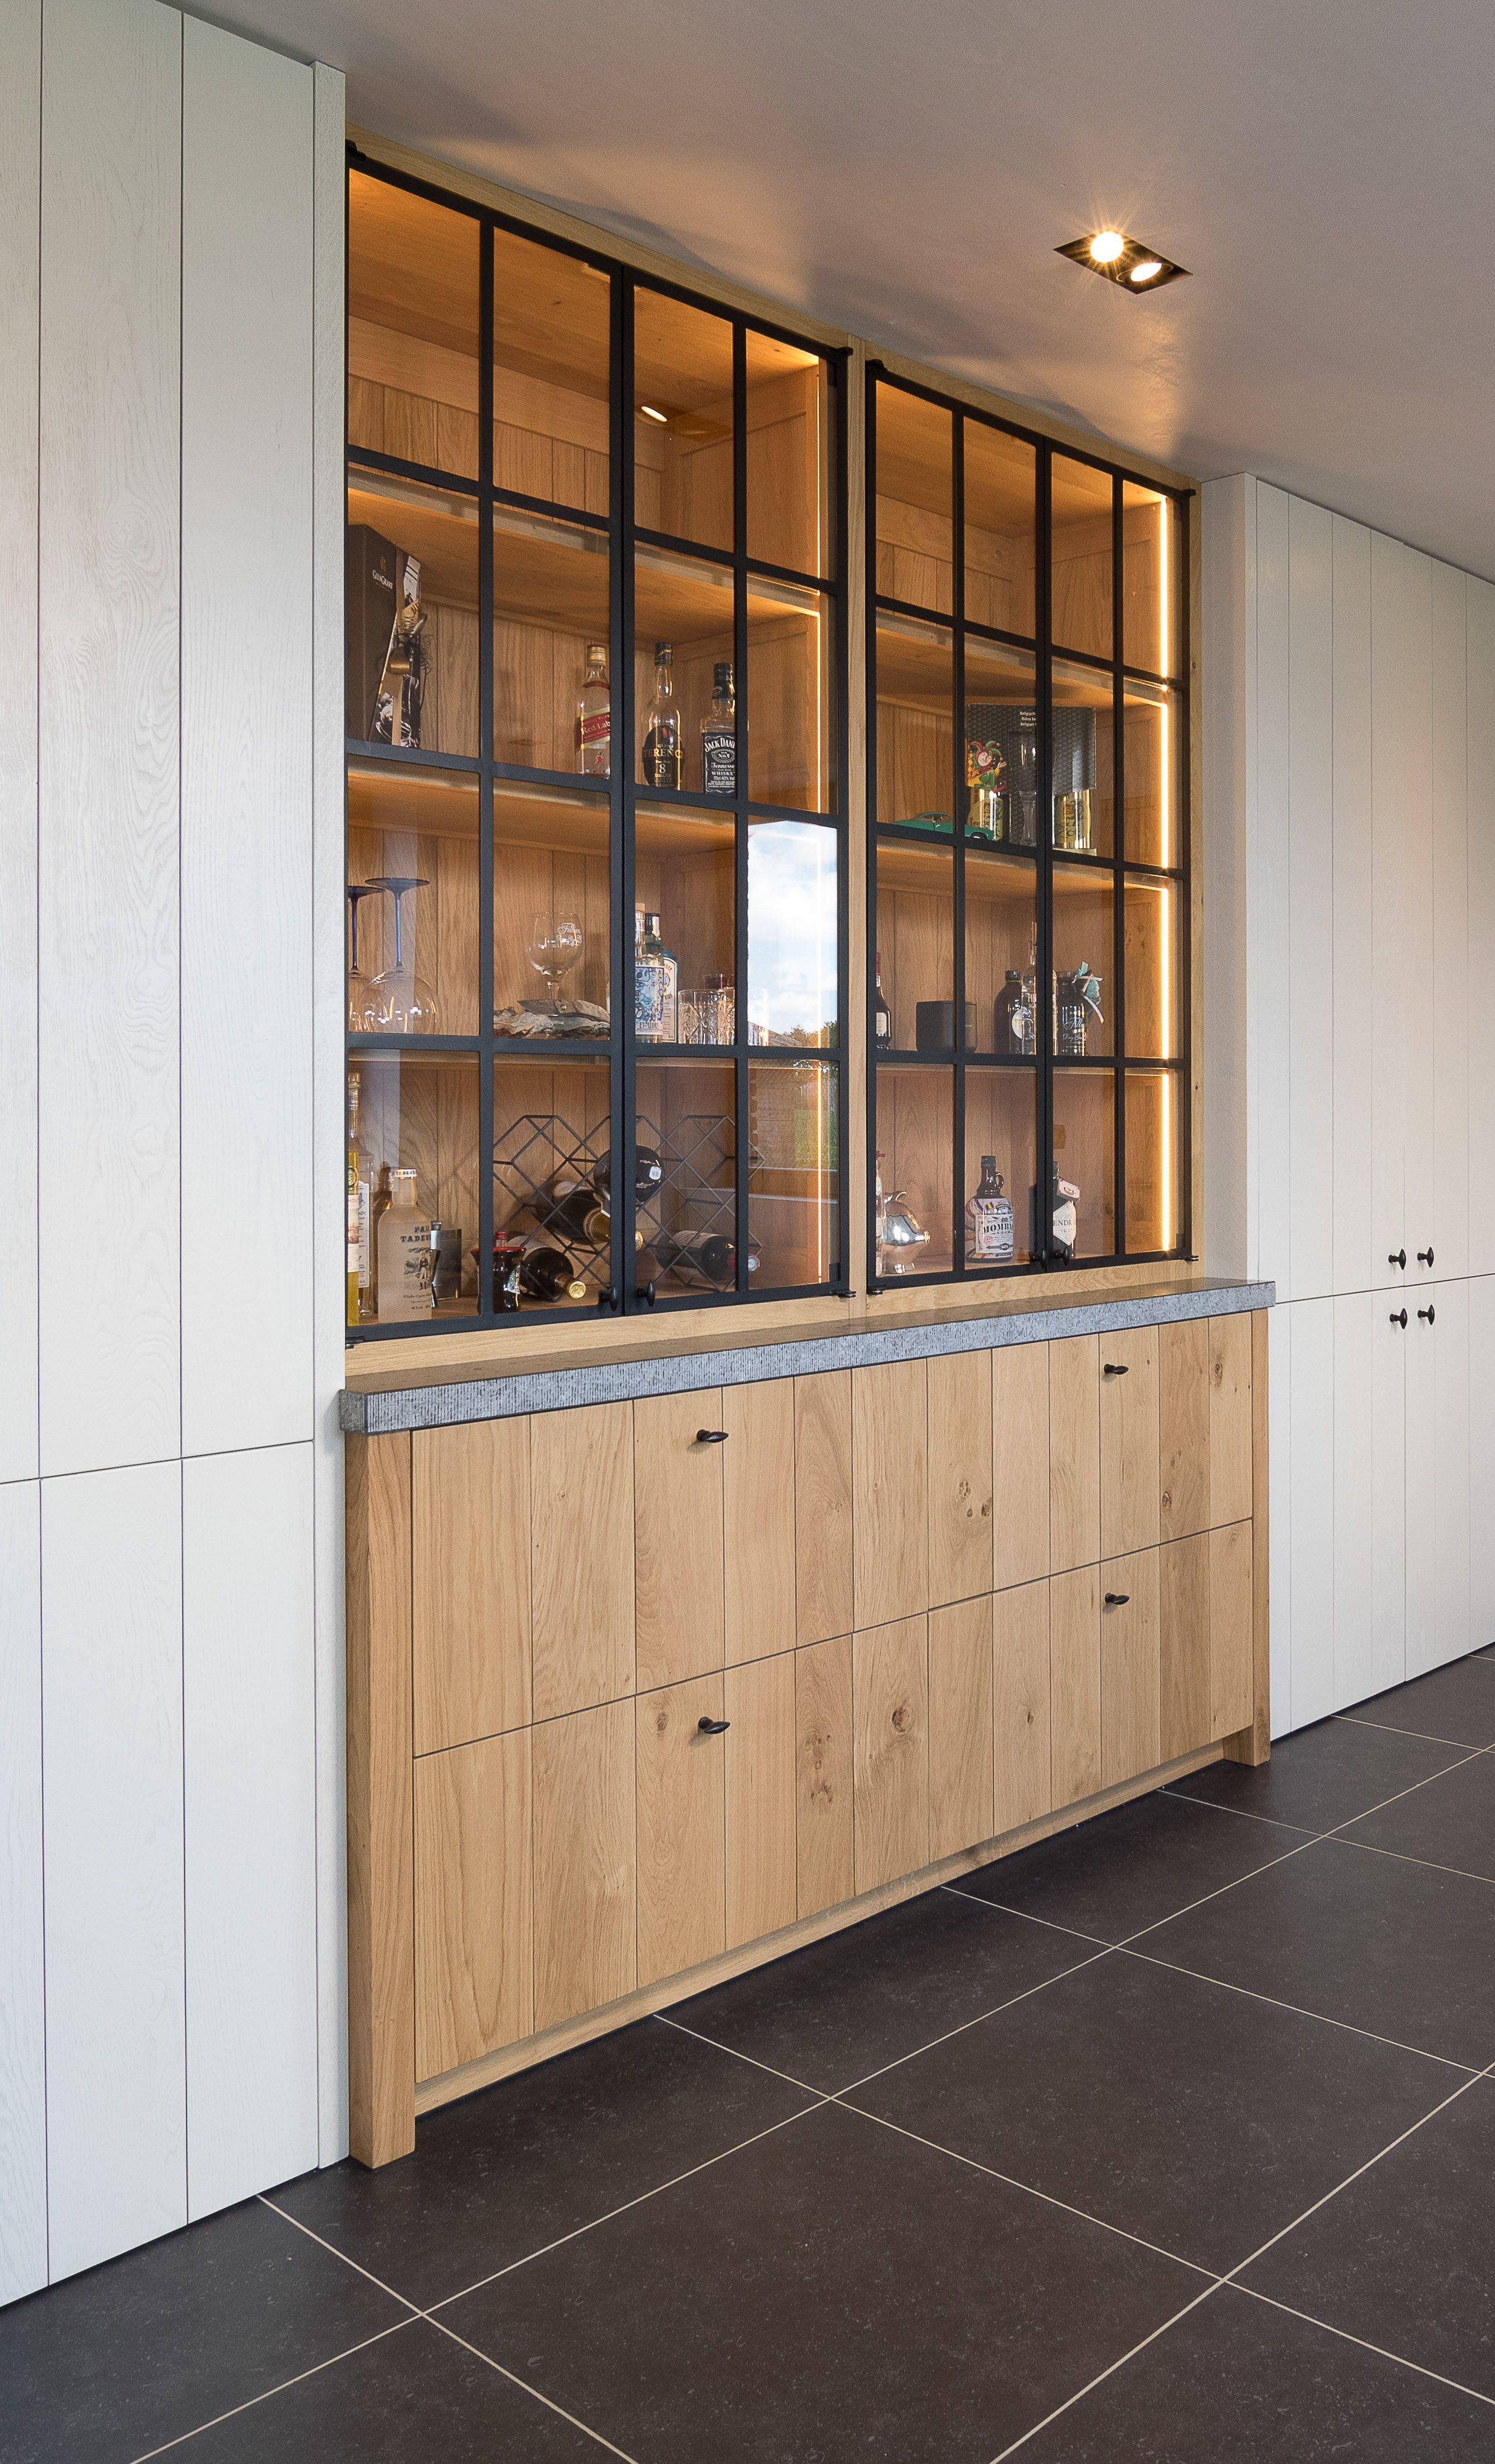 Keukenkast Met Glazen Deuren.Eikenhouten Keukenkast Met Smeedijzeren Deuren In Glas En